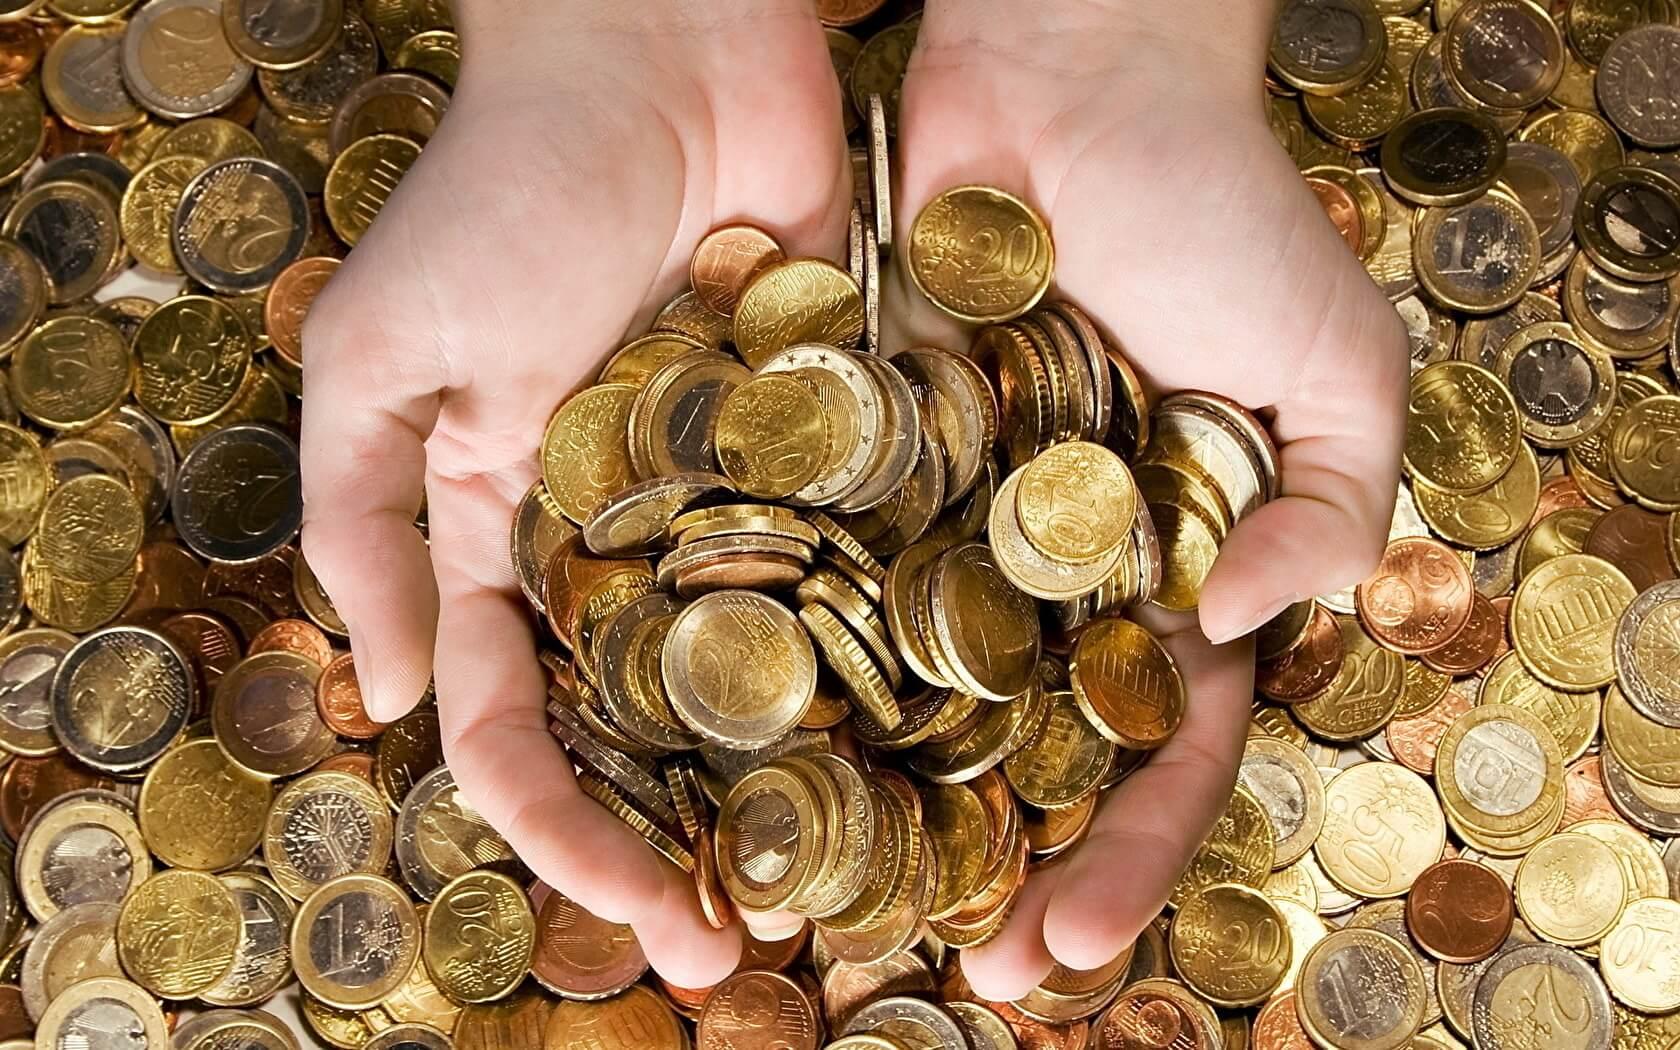 Как заработать деньги в интернете - Как заработать деньги в интернете. Хочу зарабатывать через интернет